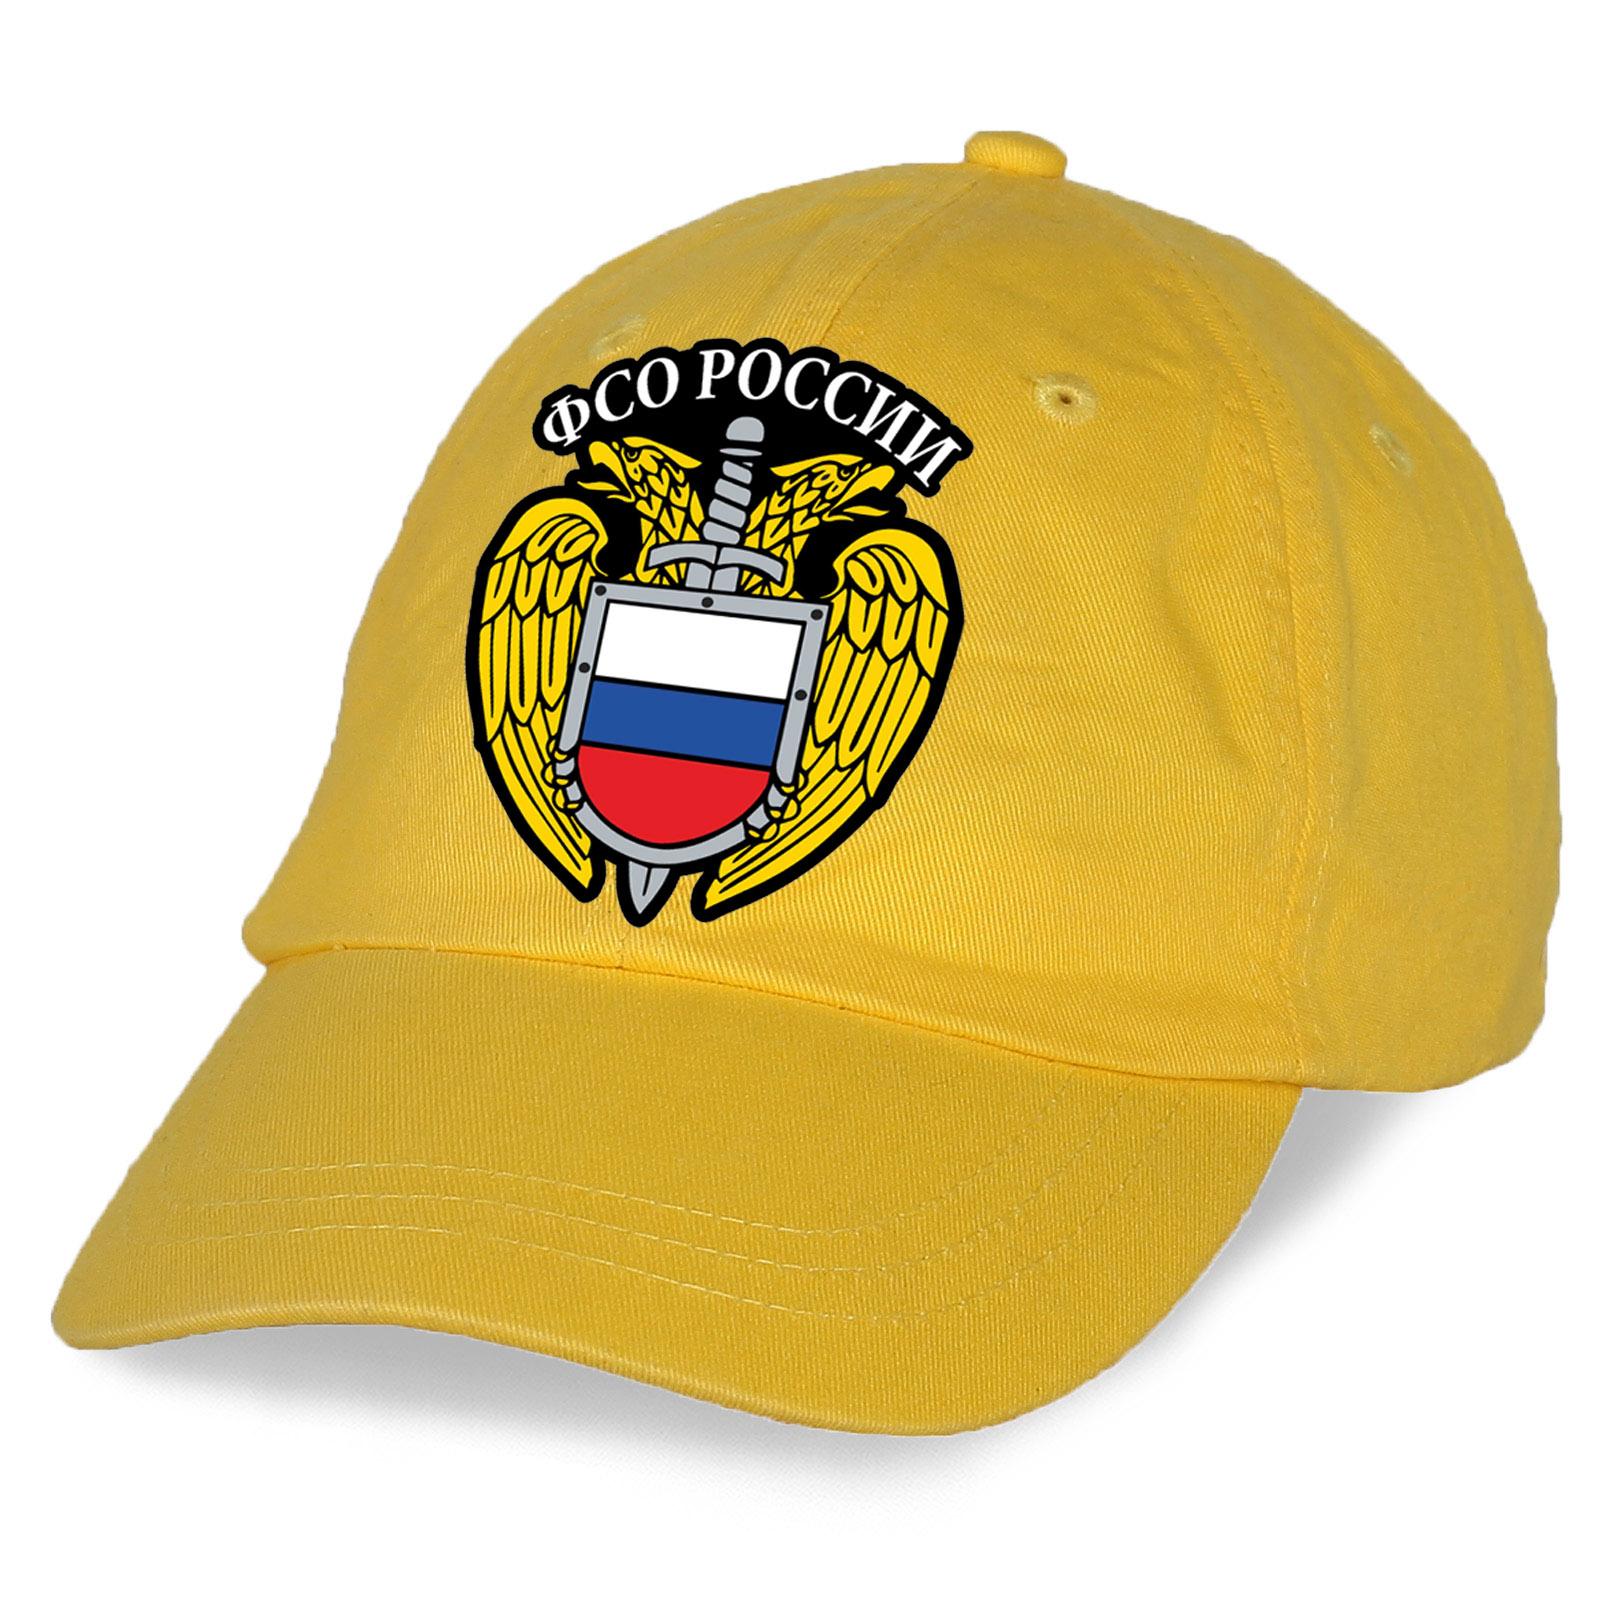 Модная желтая бейсболка с символикой Федеральной Службы Охраны России.